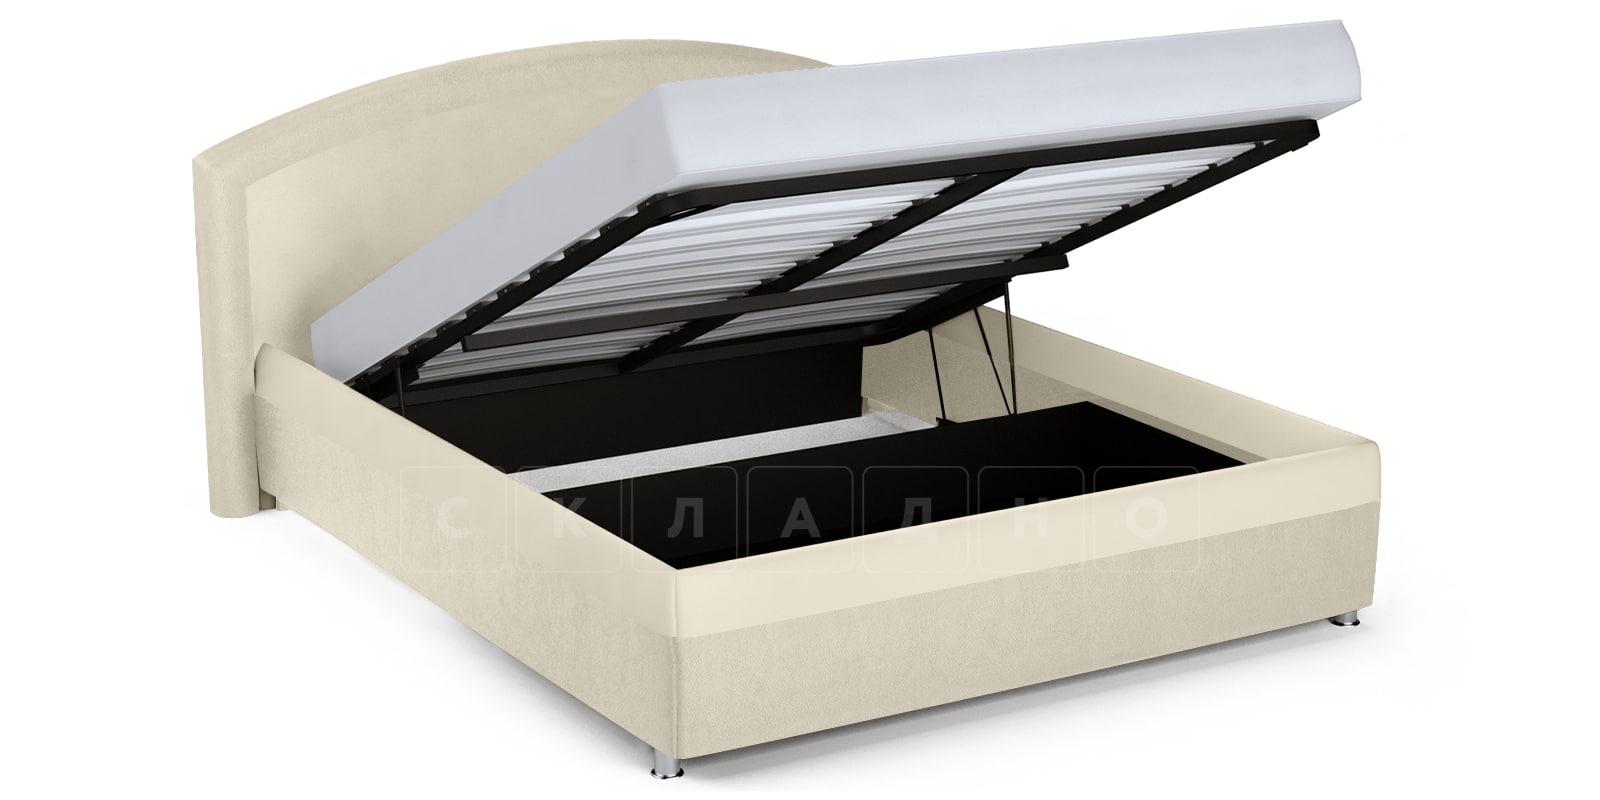 Мягкая кровать Малибу 160см экокожа бежевый вариант 8 фото 5 | интернет-магазин Складно